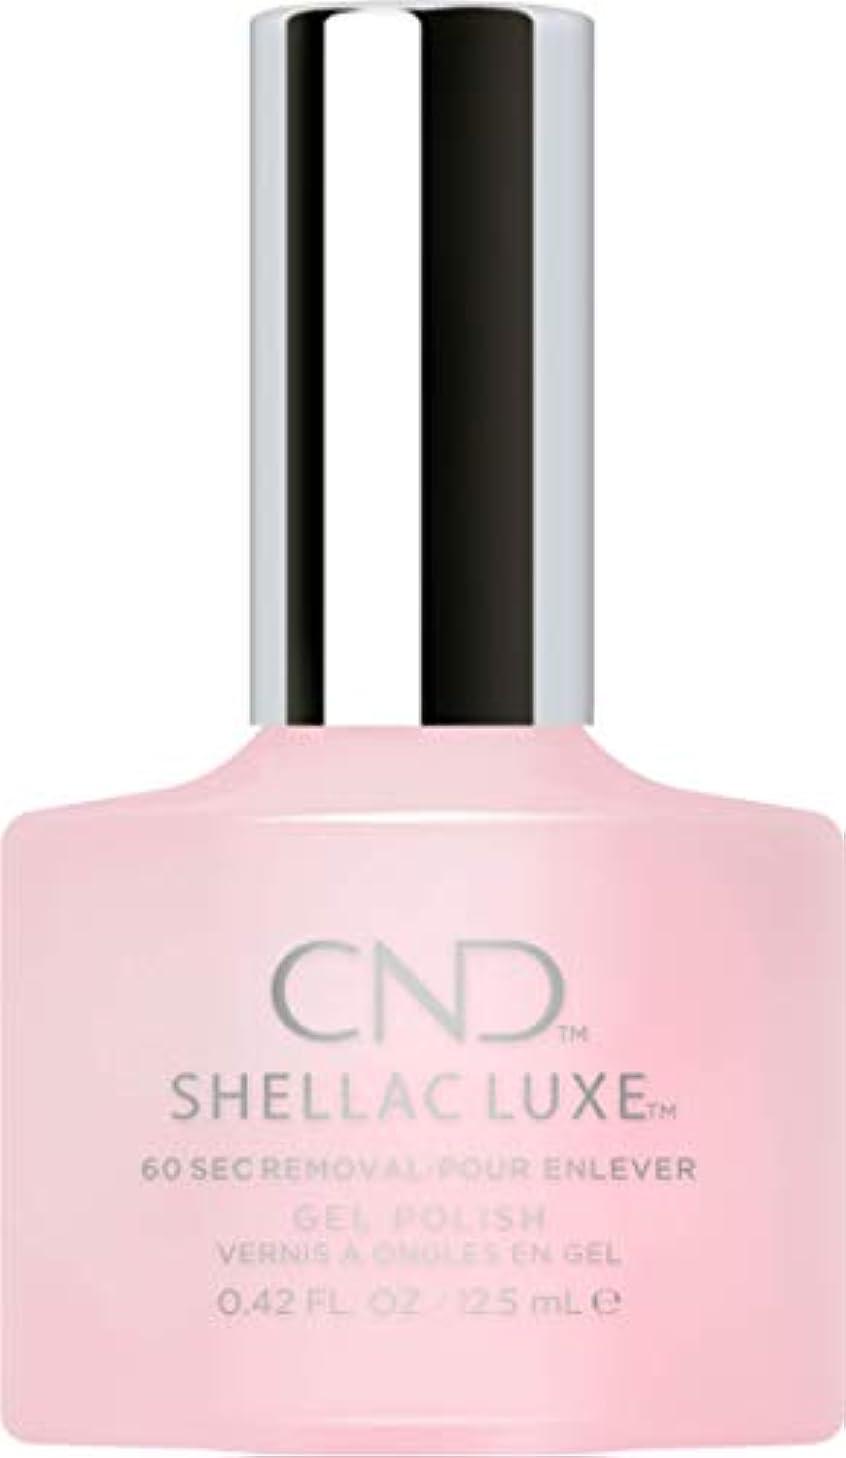 断線ベアリング私たち自身CND Shellac Luxe - Beau - 12.5 ml / 0.42 oz